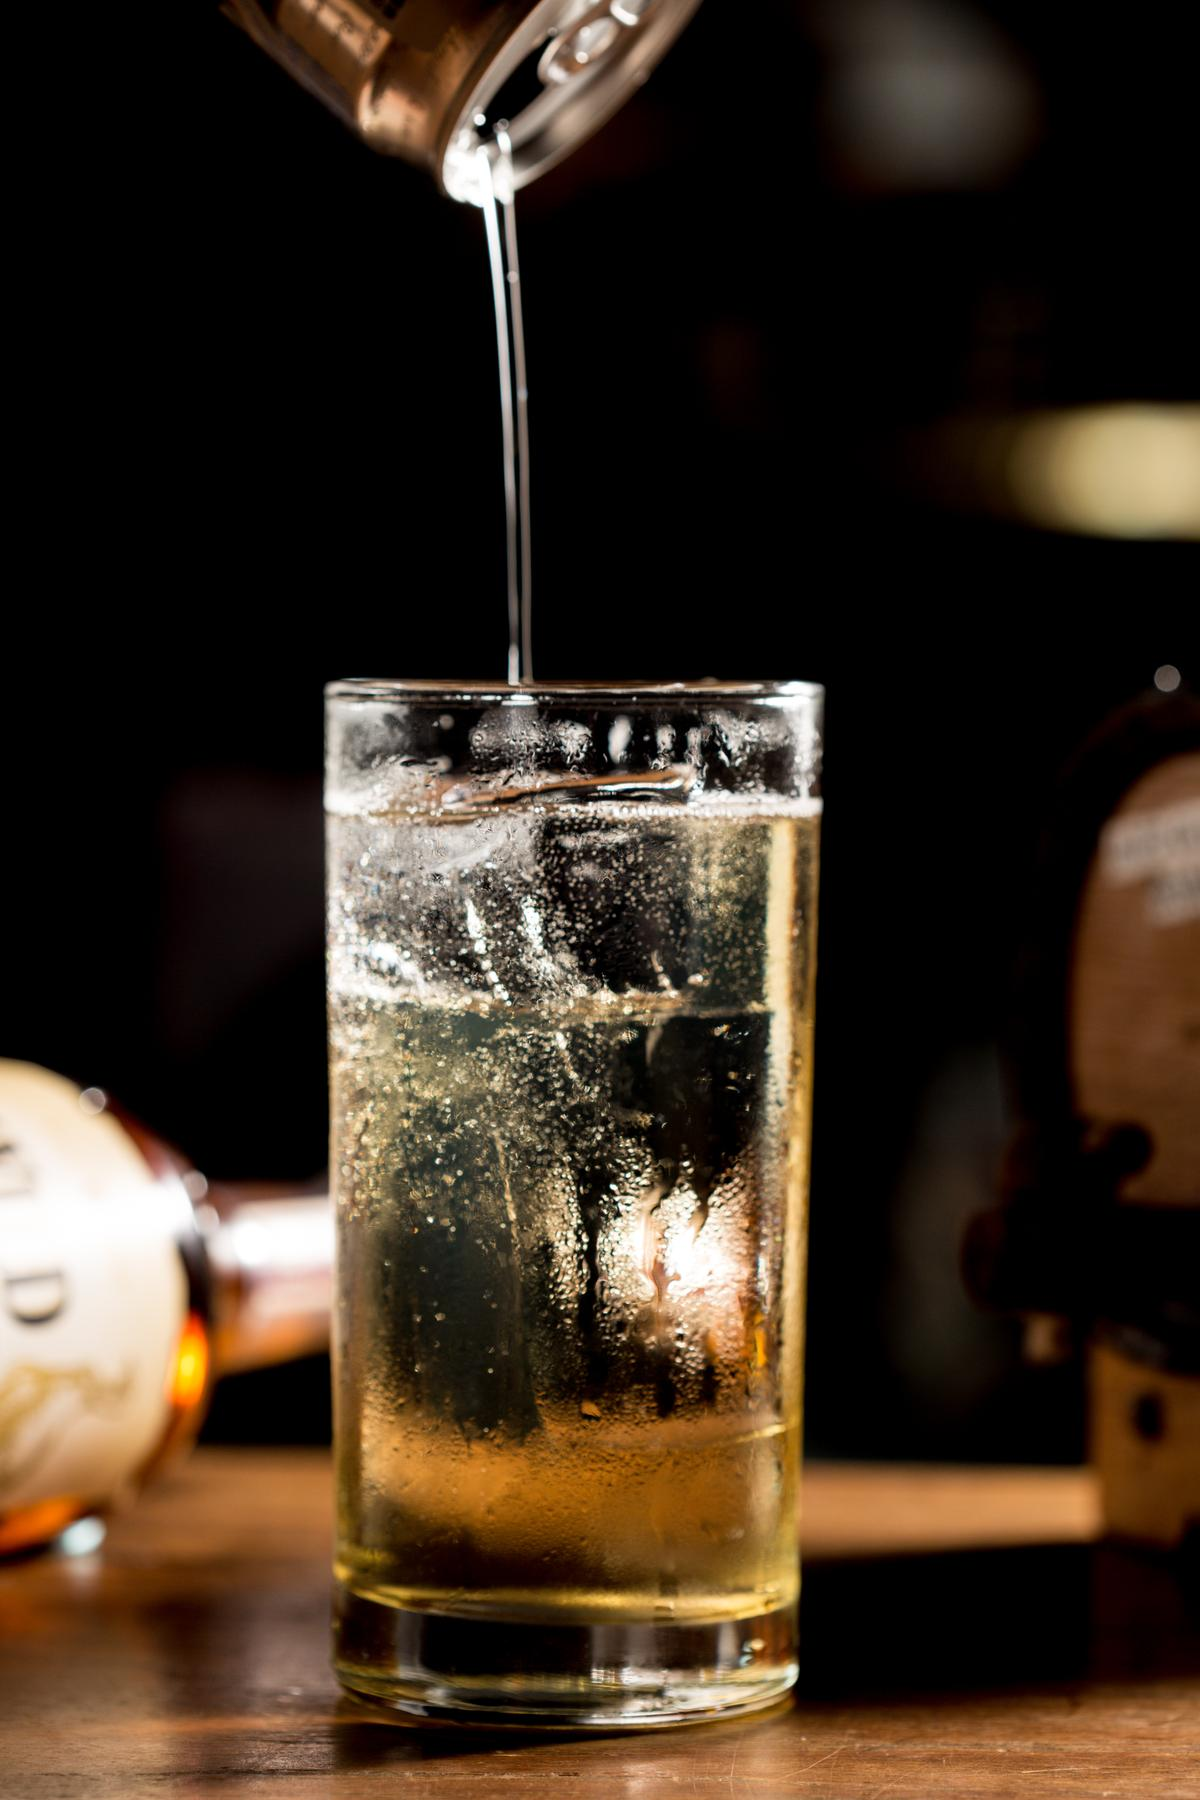 氣泡水的份量約為酒的2倍至4倍間,可依個人偏好濃度斟酌。